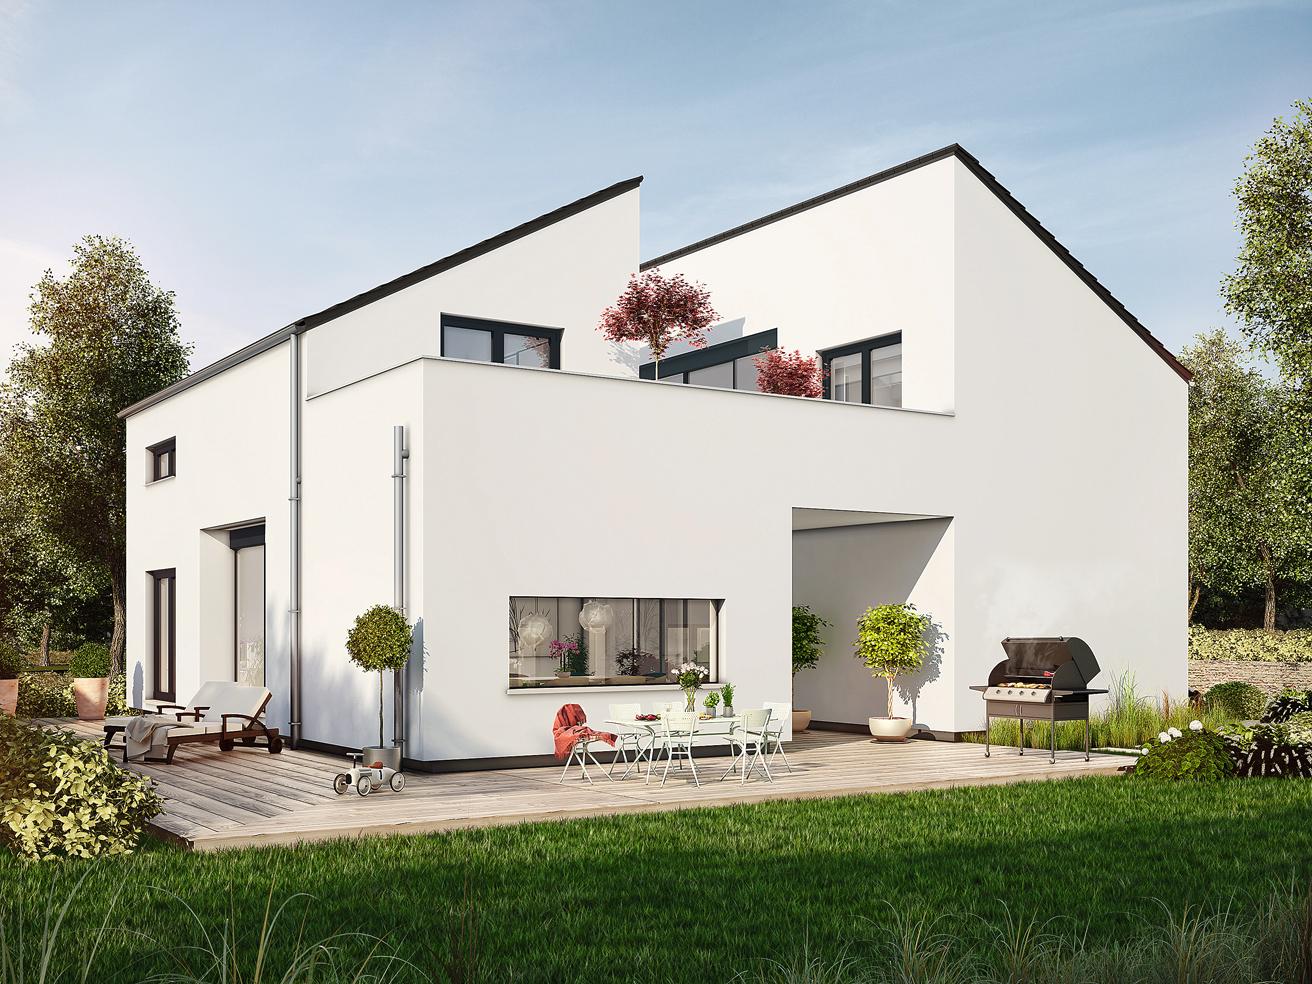 Bad Vilbel Musterhaus planungsvorschlag mit atrium